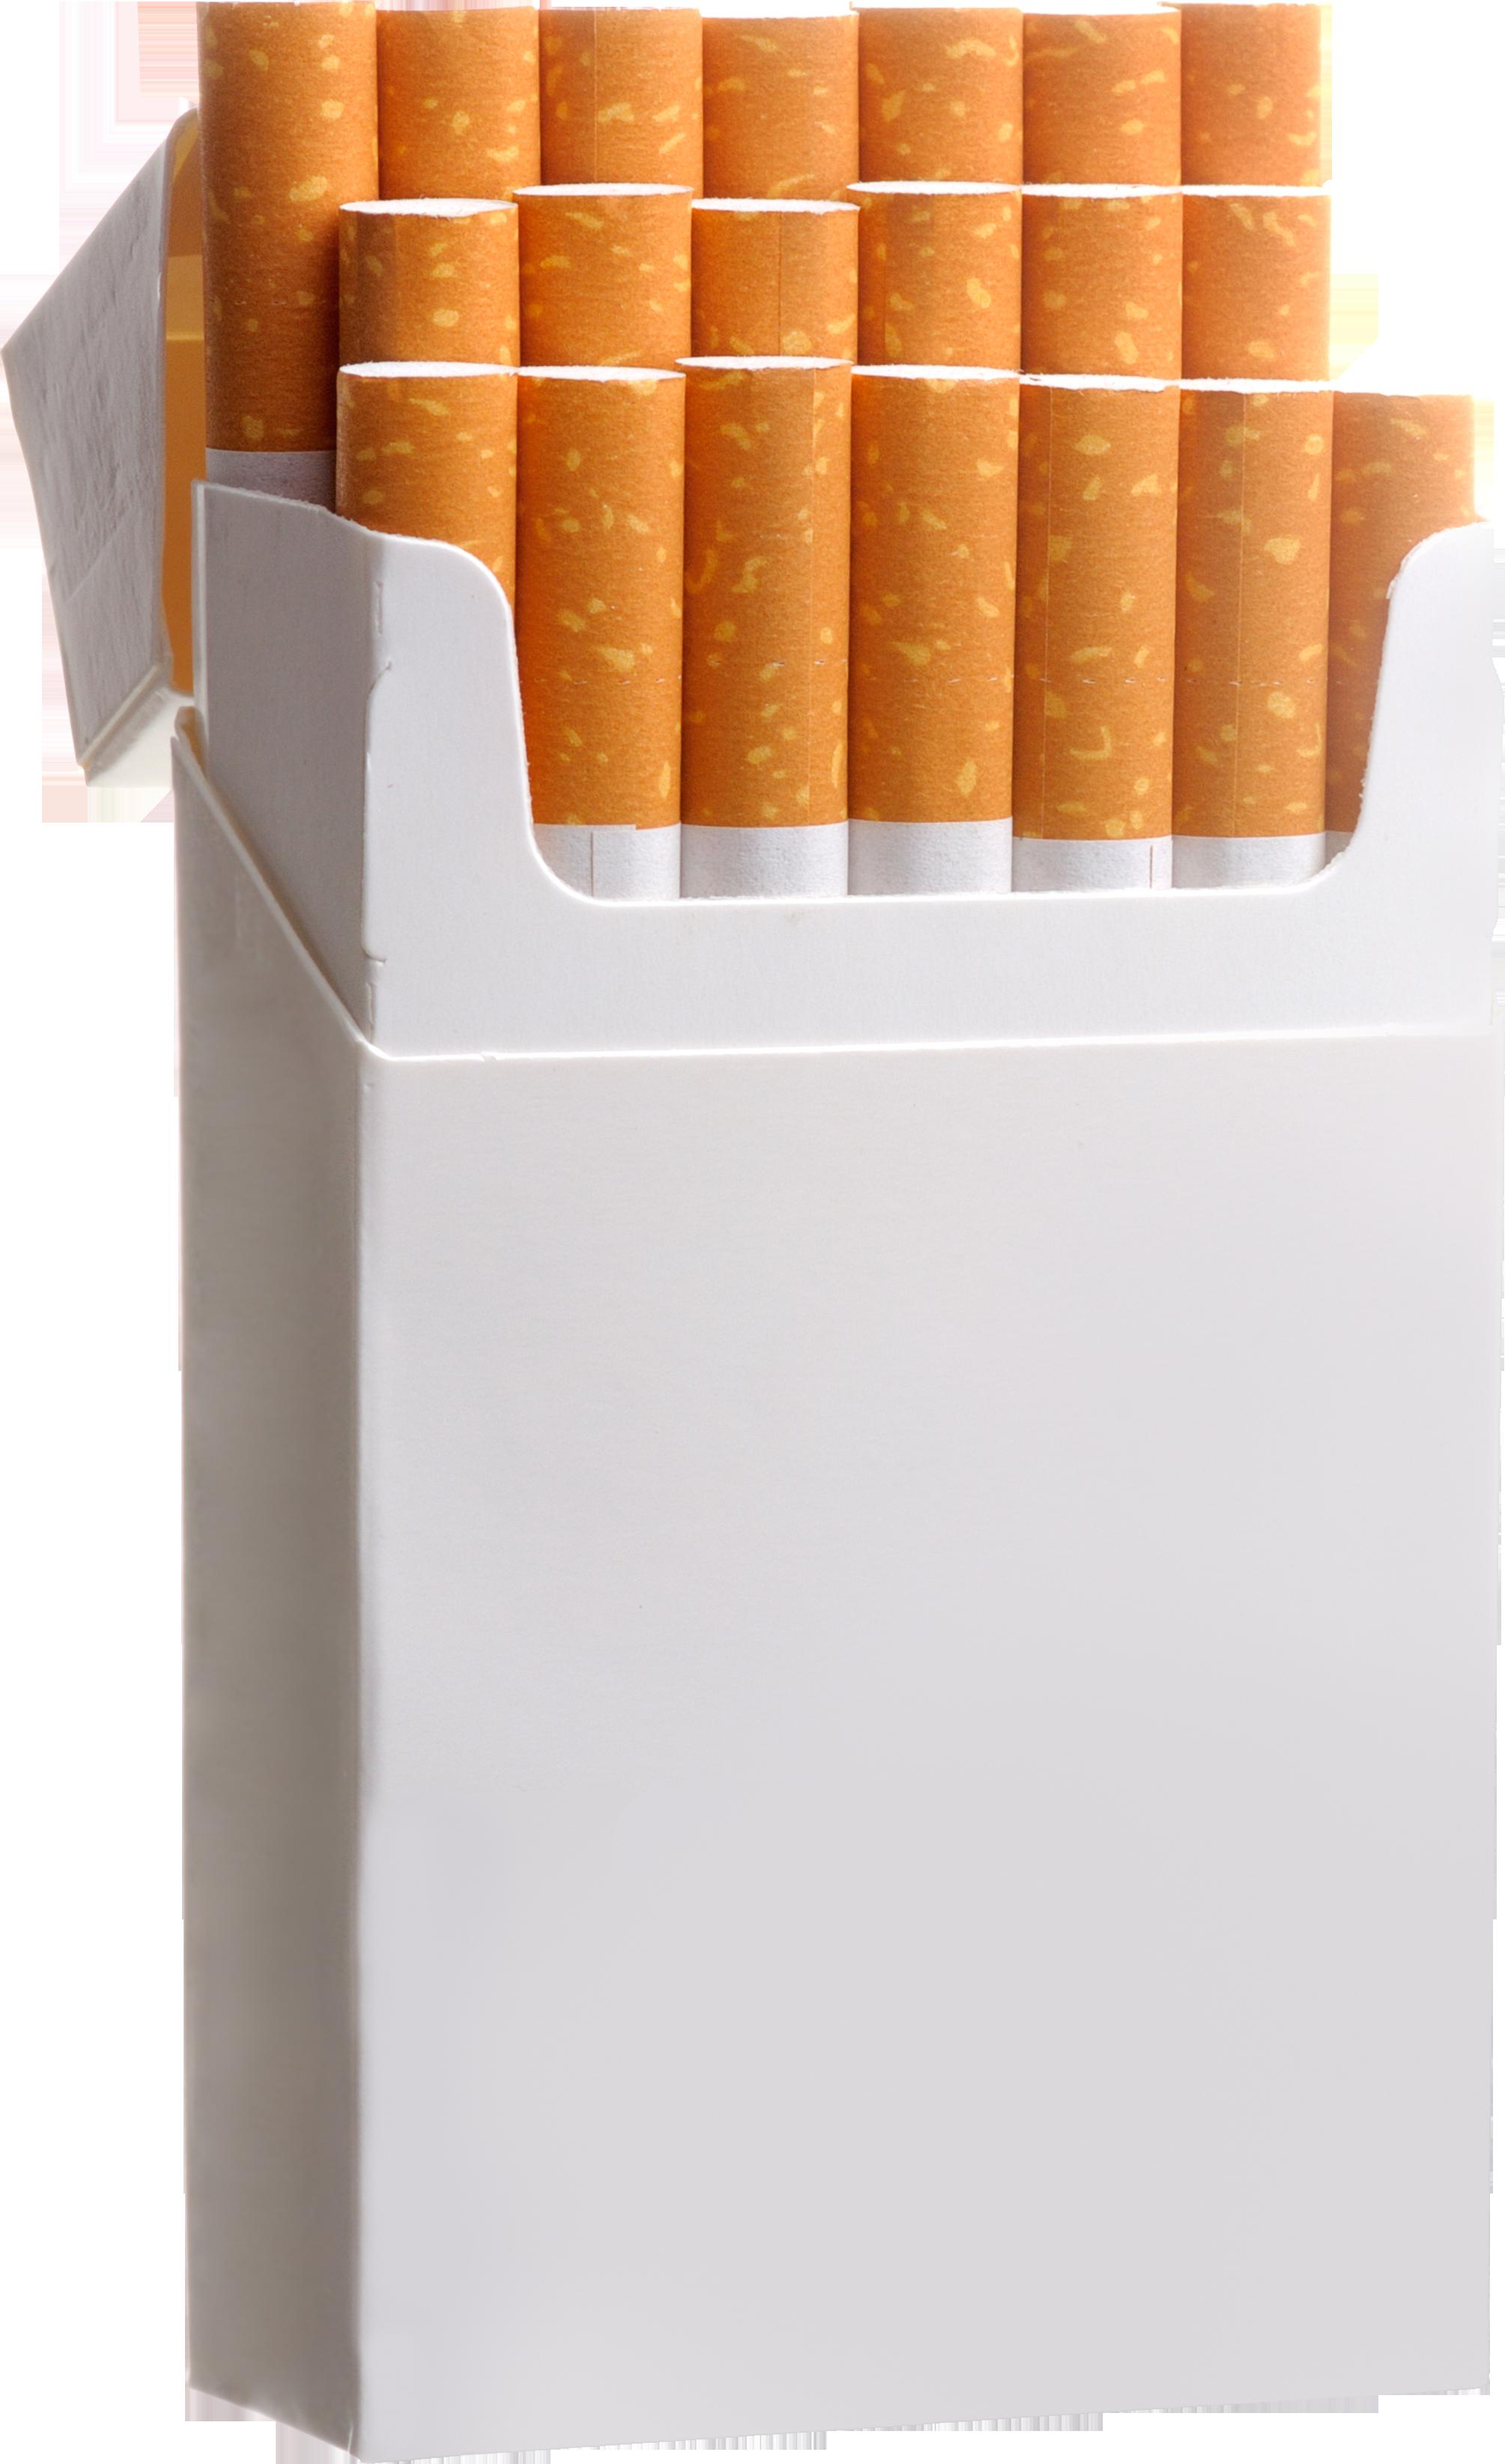 Cigar clipart transparent background. Cigarette pack png image